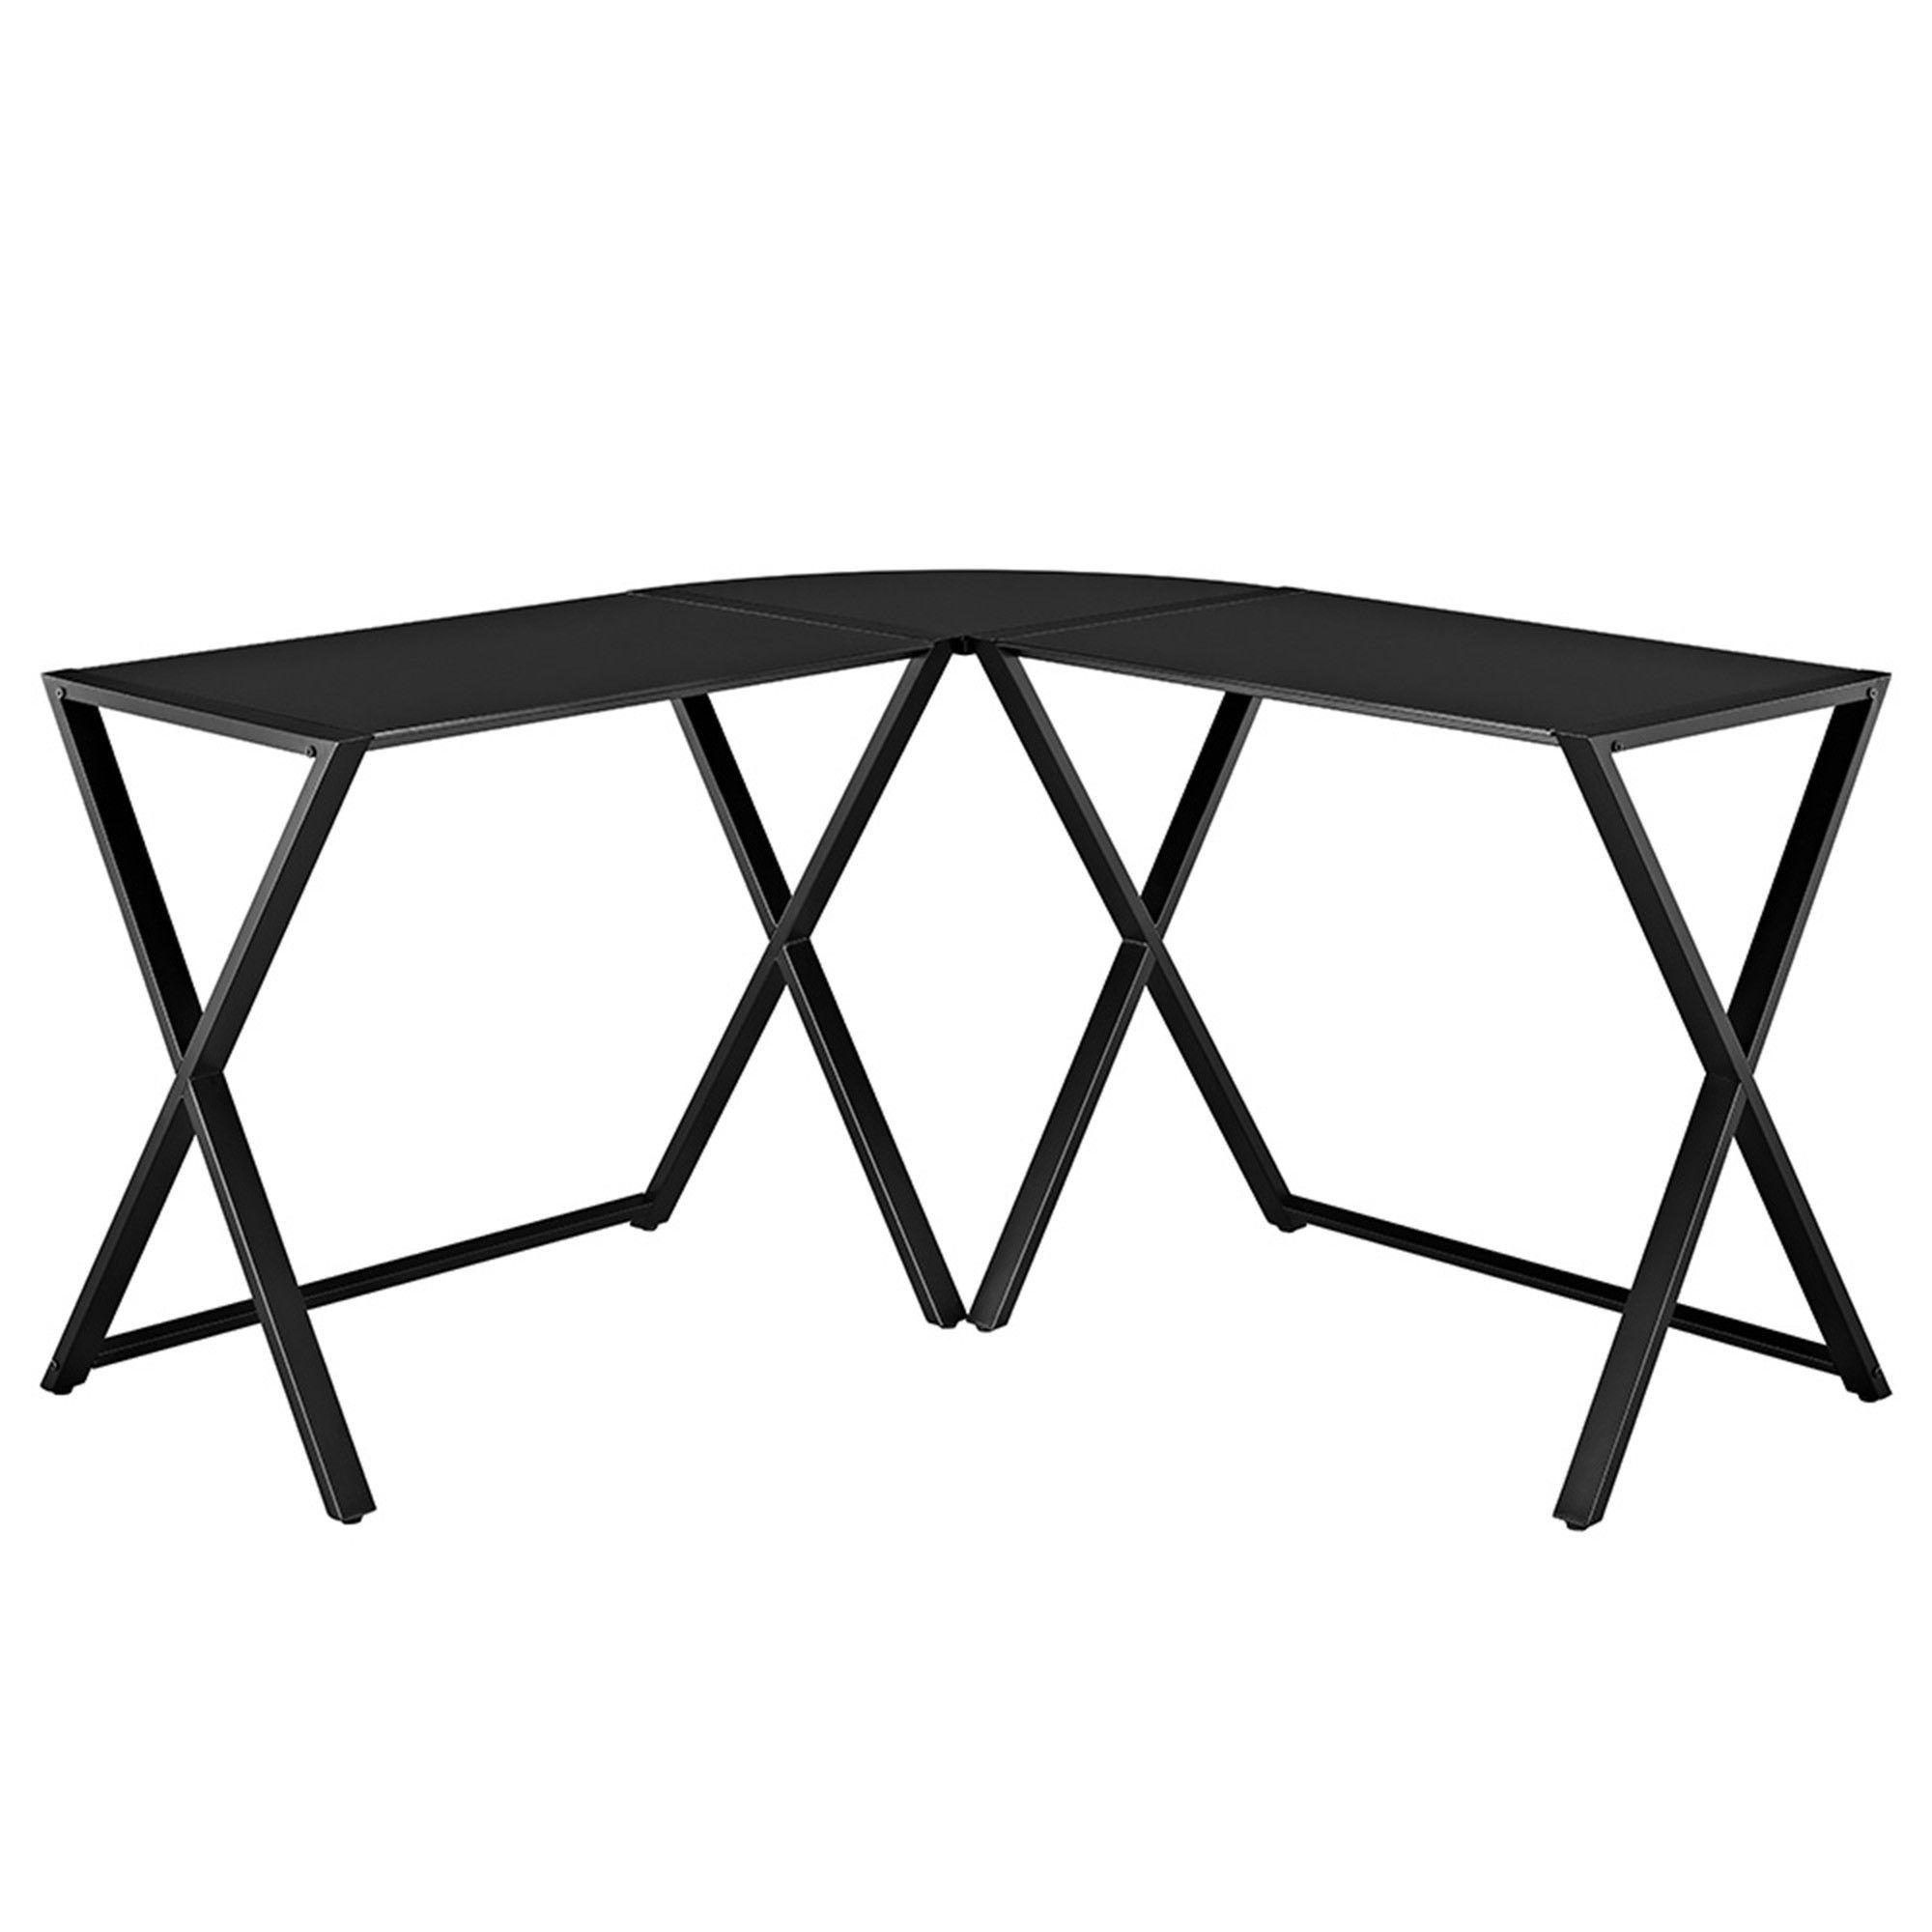 buy X-frame Glass & Metal L-Shaped Computer Desk - Black/Black at ...